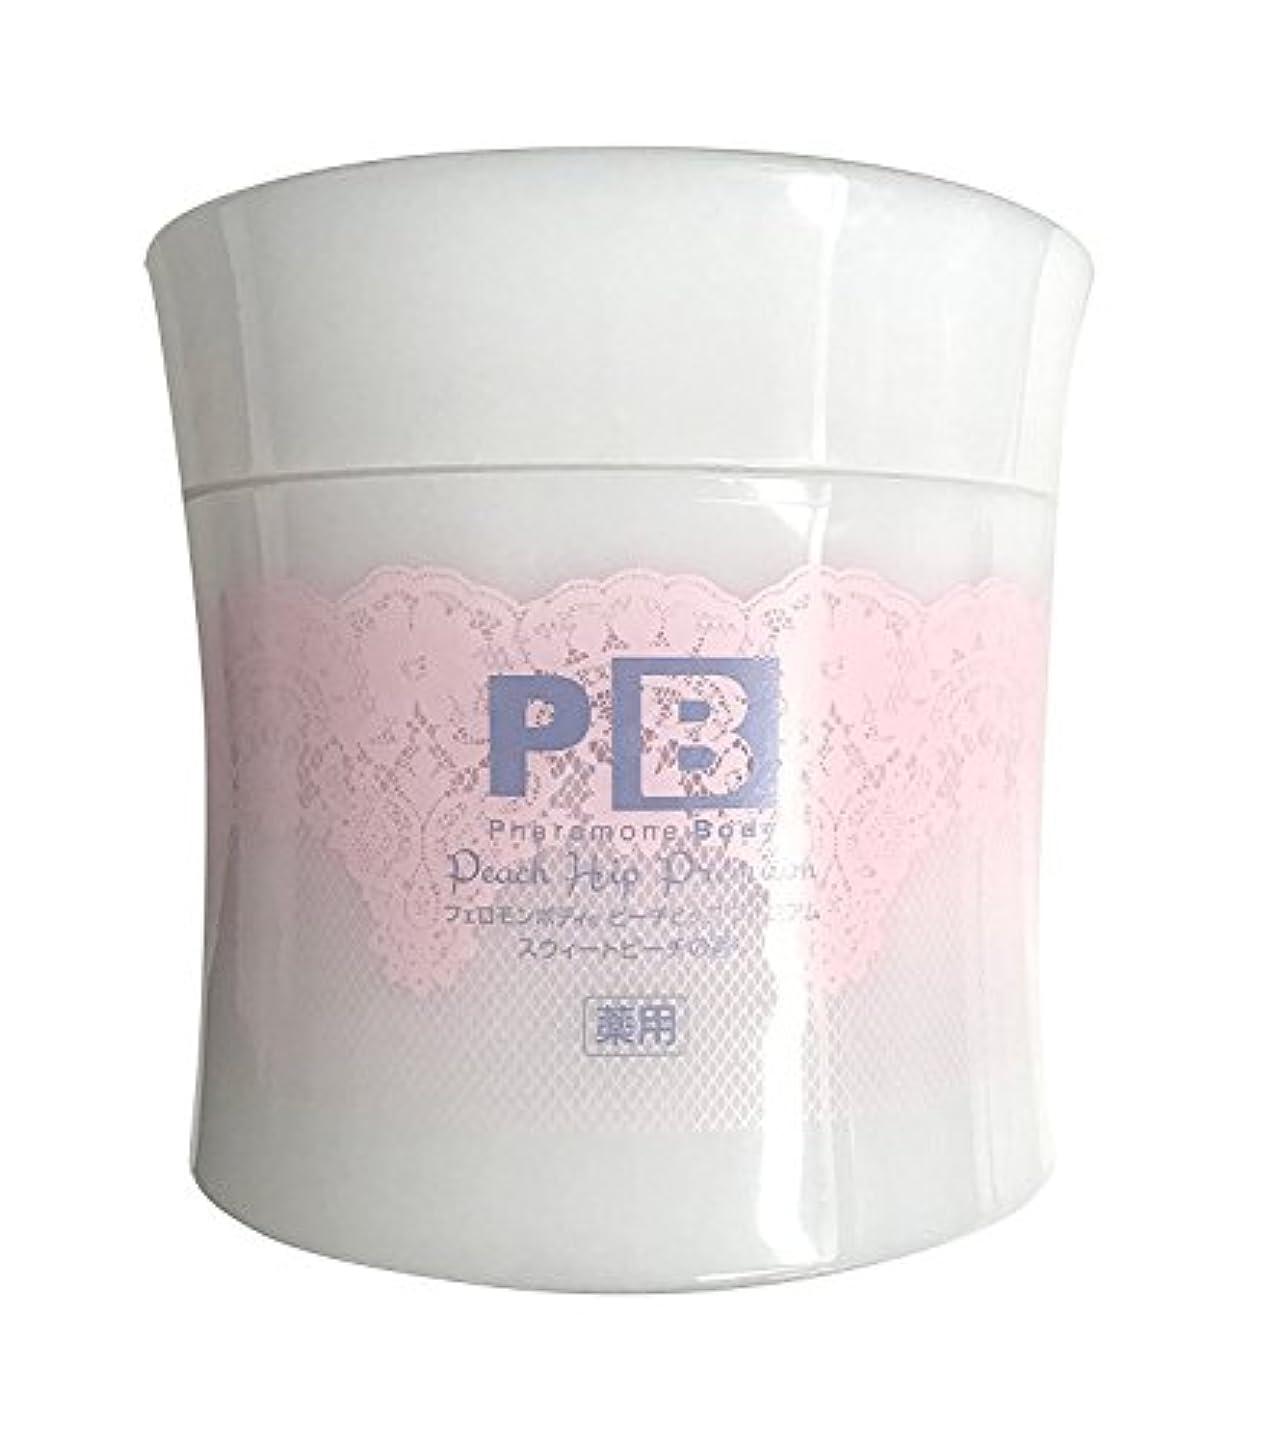 発動機習慣アラバマ2個セットフェロモンボディ ピーチヒップ スウィートピーチの香り 500g